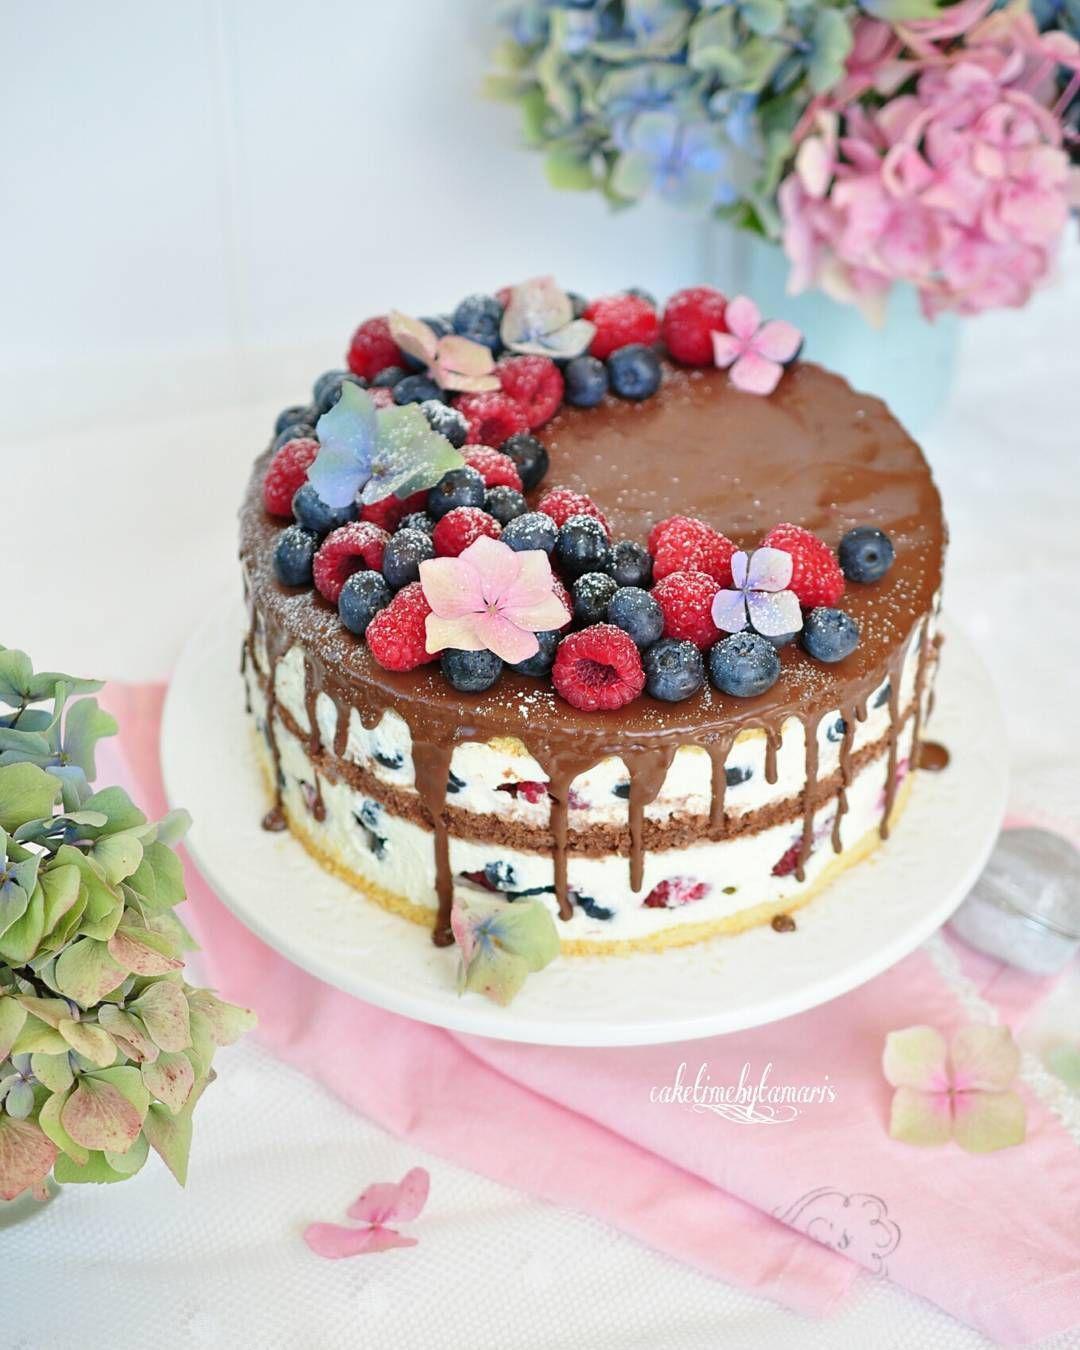 Schoko Blaubeer Himbeer Torte Rezept Bald Im Blog Recipesoonontheblog Himbeeren Blaubeeren Blueberris Backen Bake Lecker Yum Cake Torte Cupcake Cakes